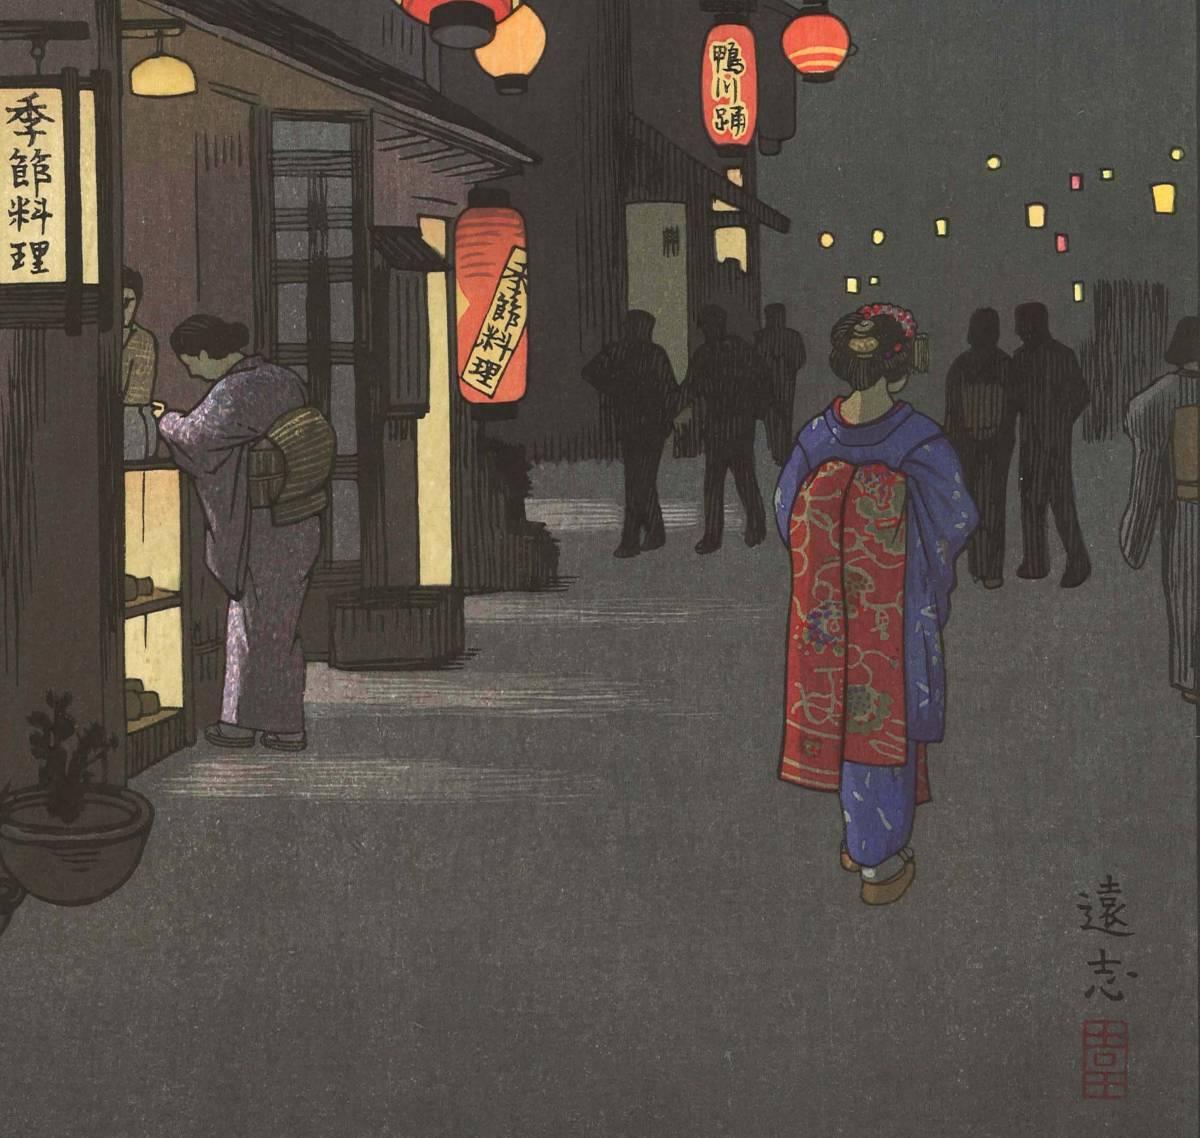 吉田遠志 木版画 018501 瓢六 (Hyoroku) 初摺1951年  最高峰の摺師の技をご堪能下さい!!_画像10